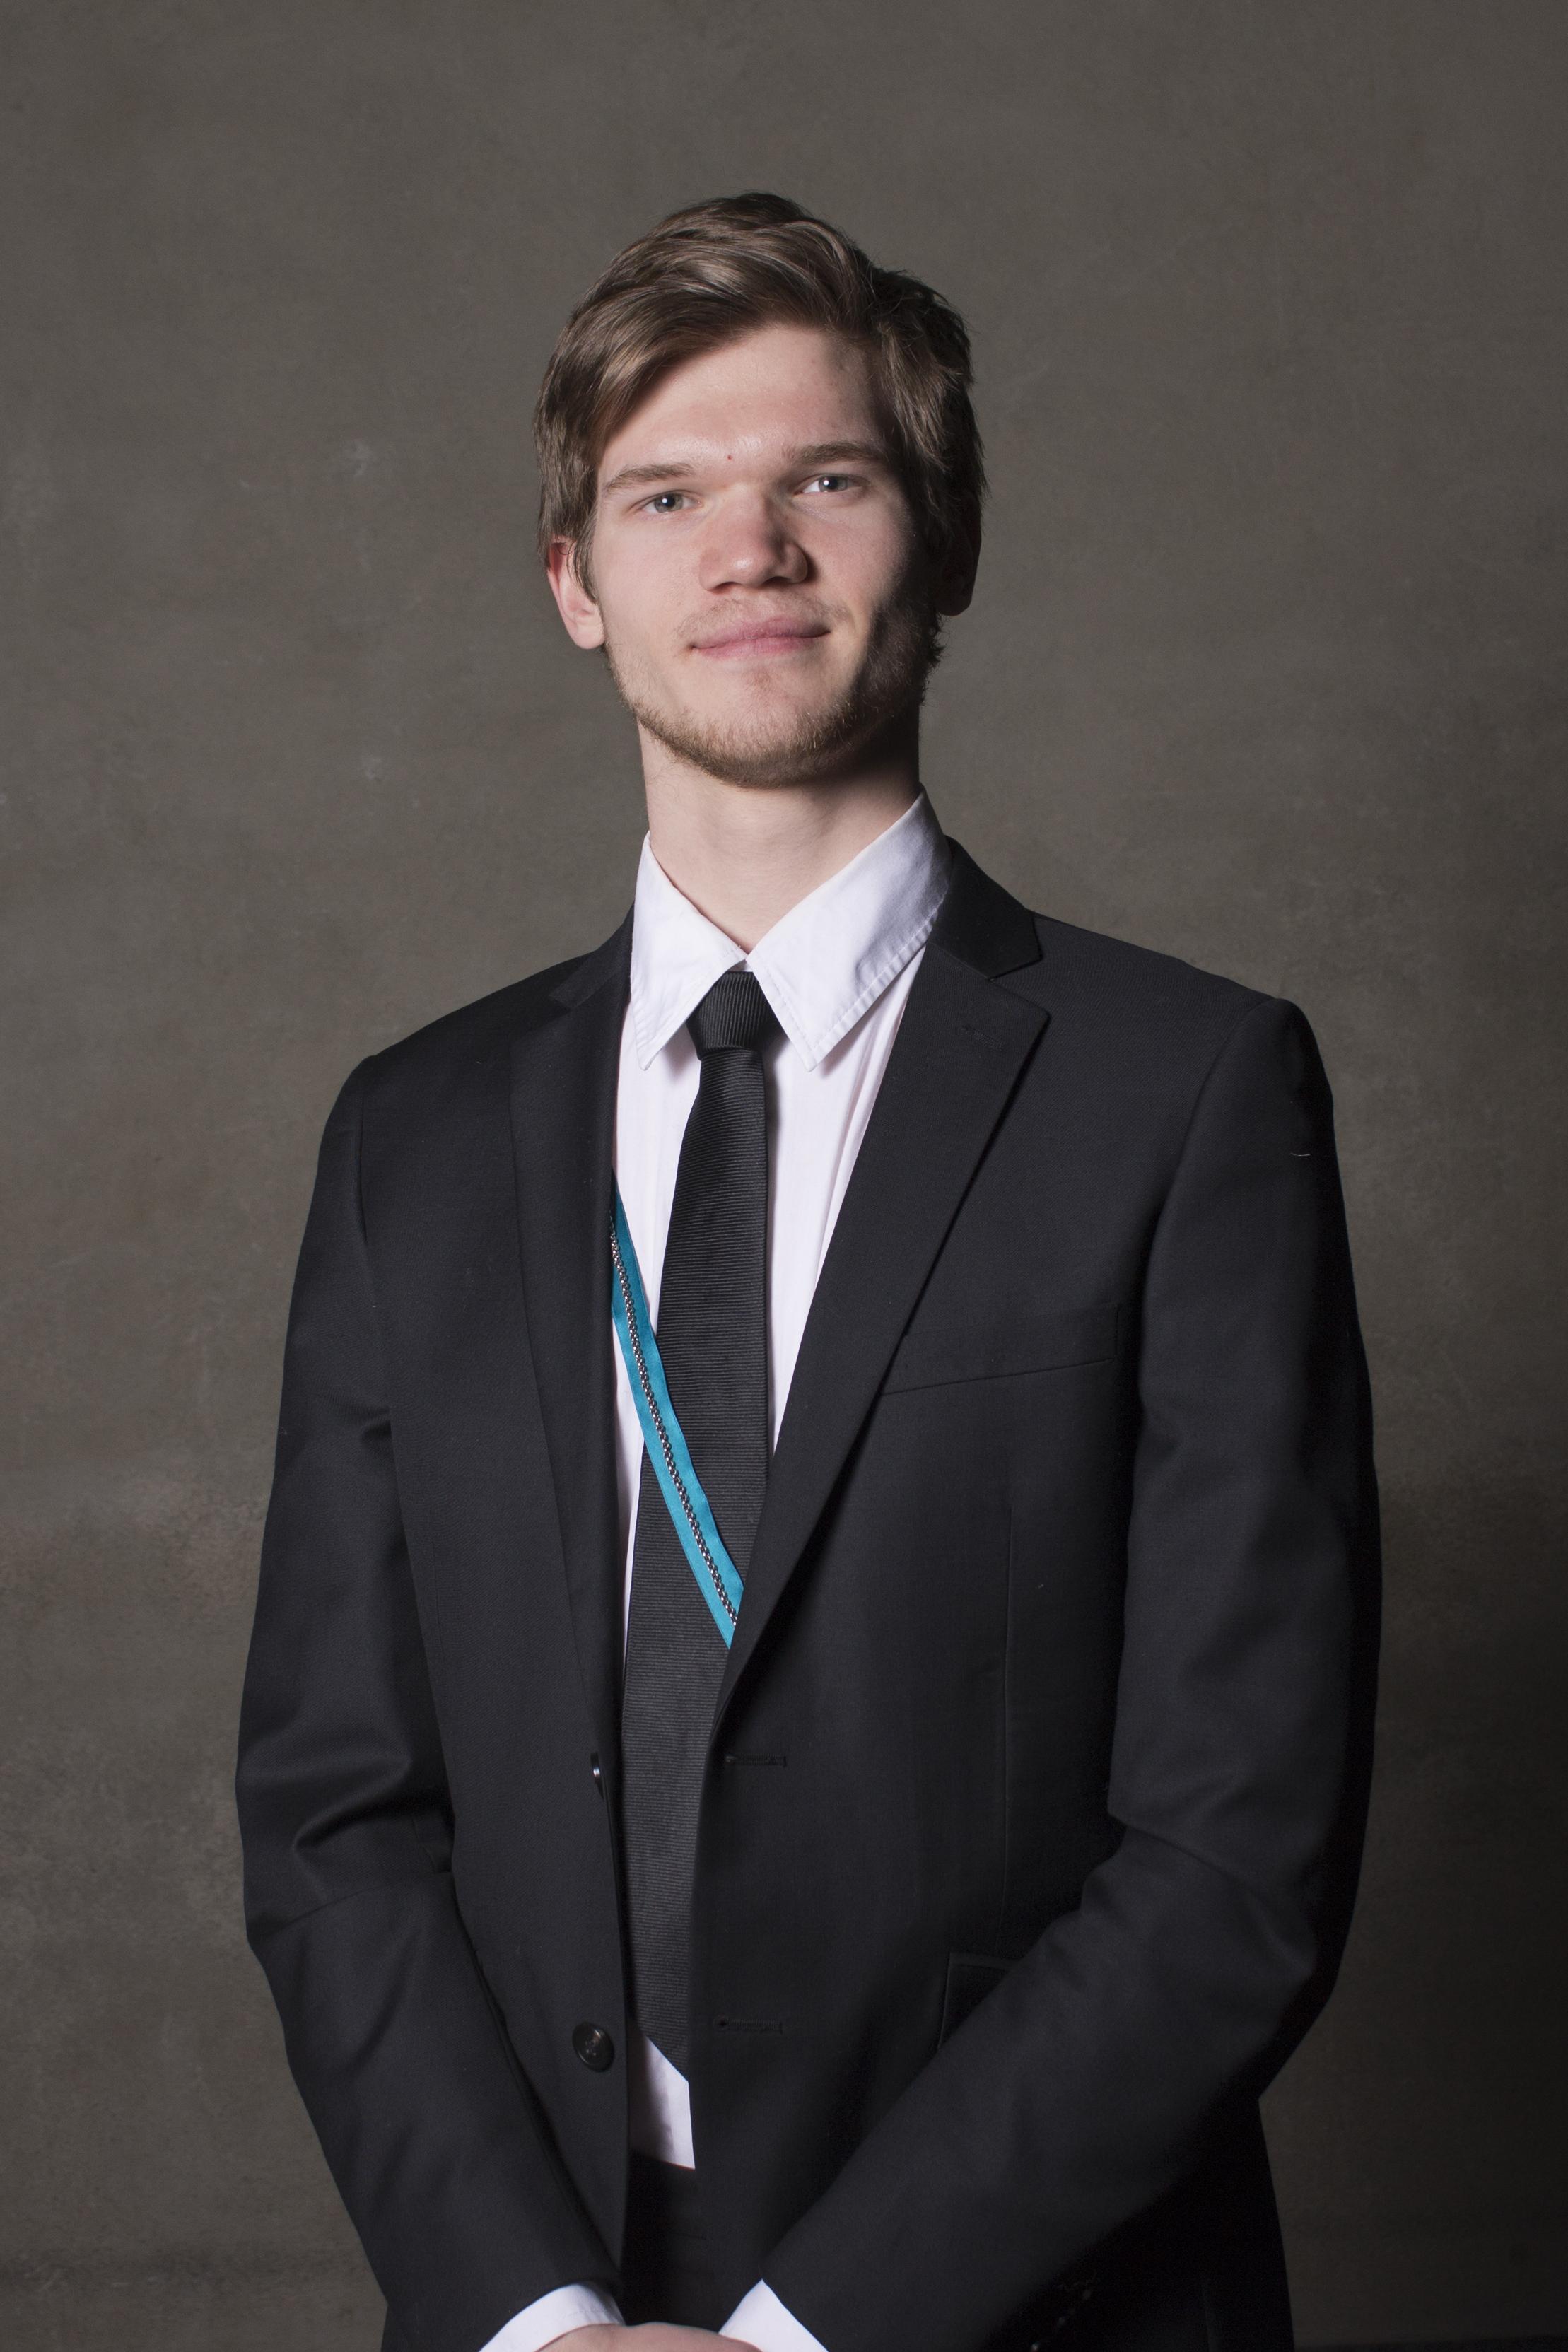 Nikolai Stensø